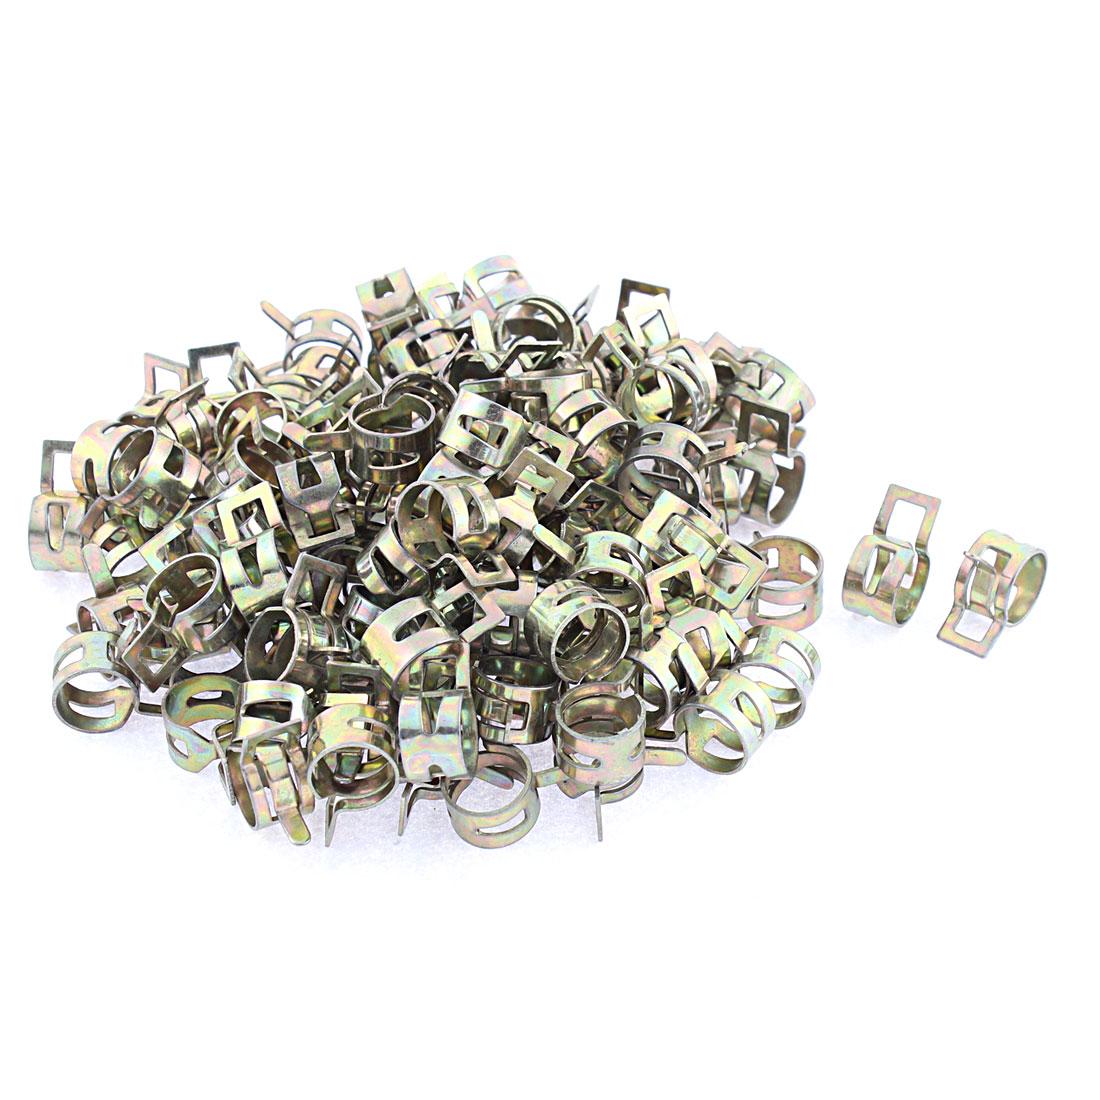 100 Pcs Bronze Tone 13mm Dia Vacuum Spring Hose Clip Clamp